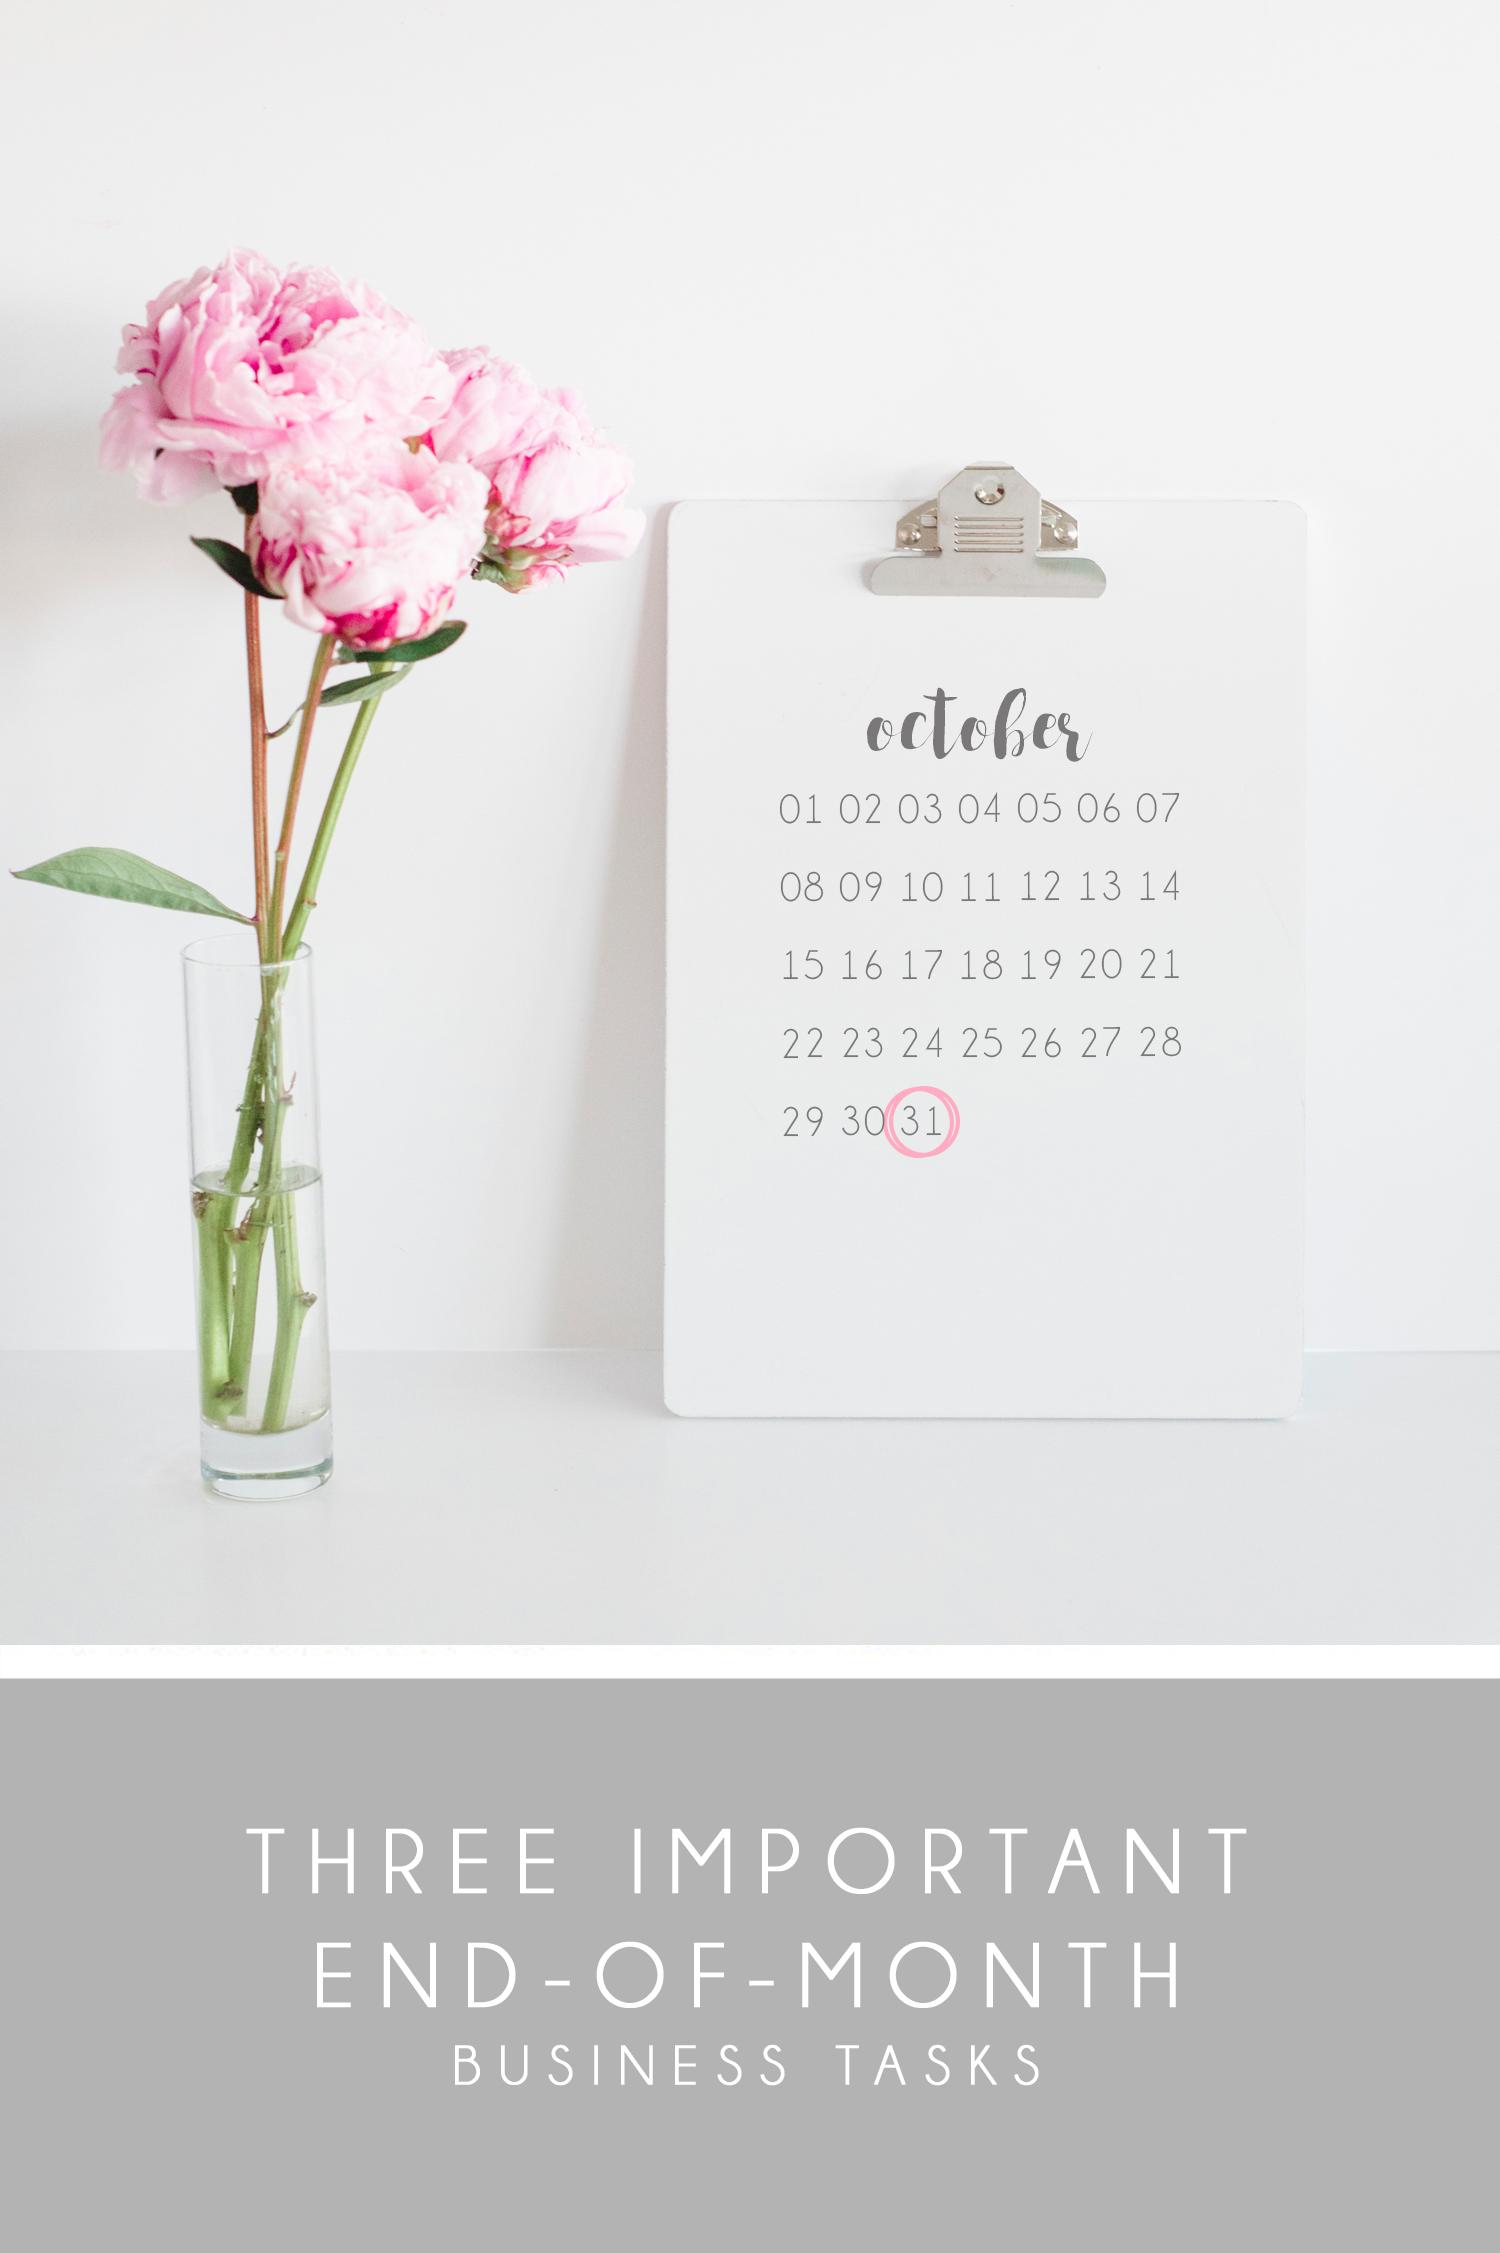 3 End-of-Month Business Tasks | Aceti Design Co.